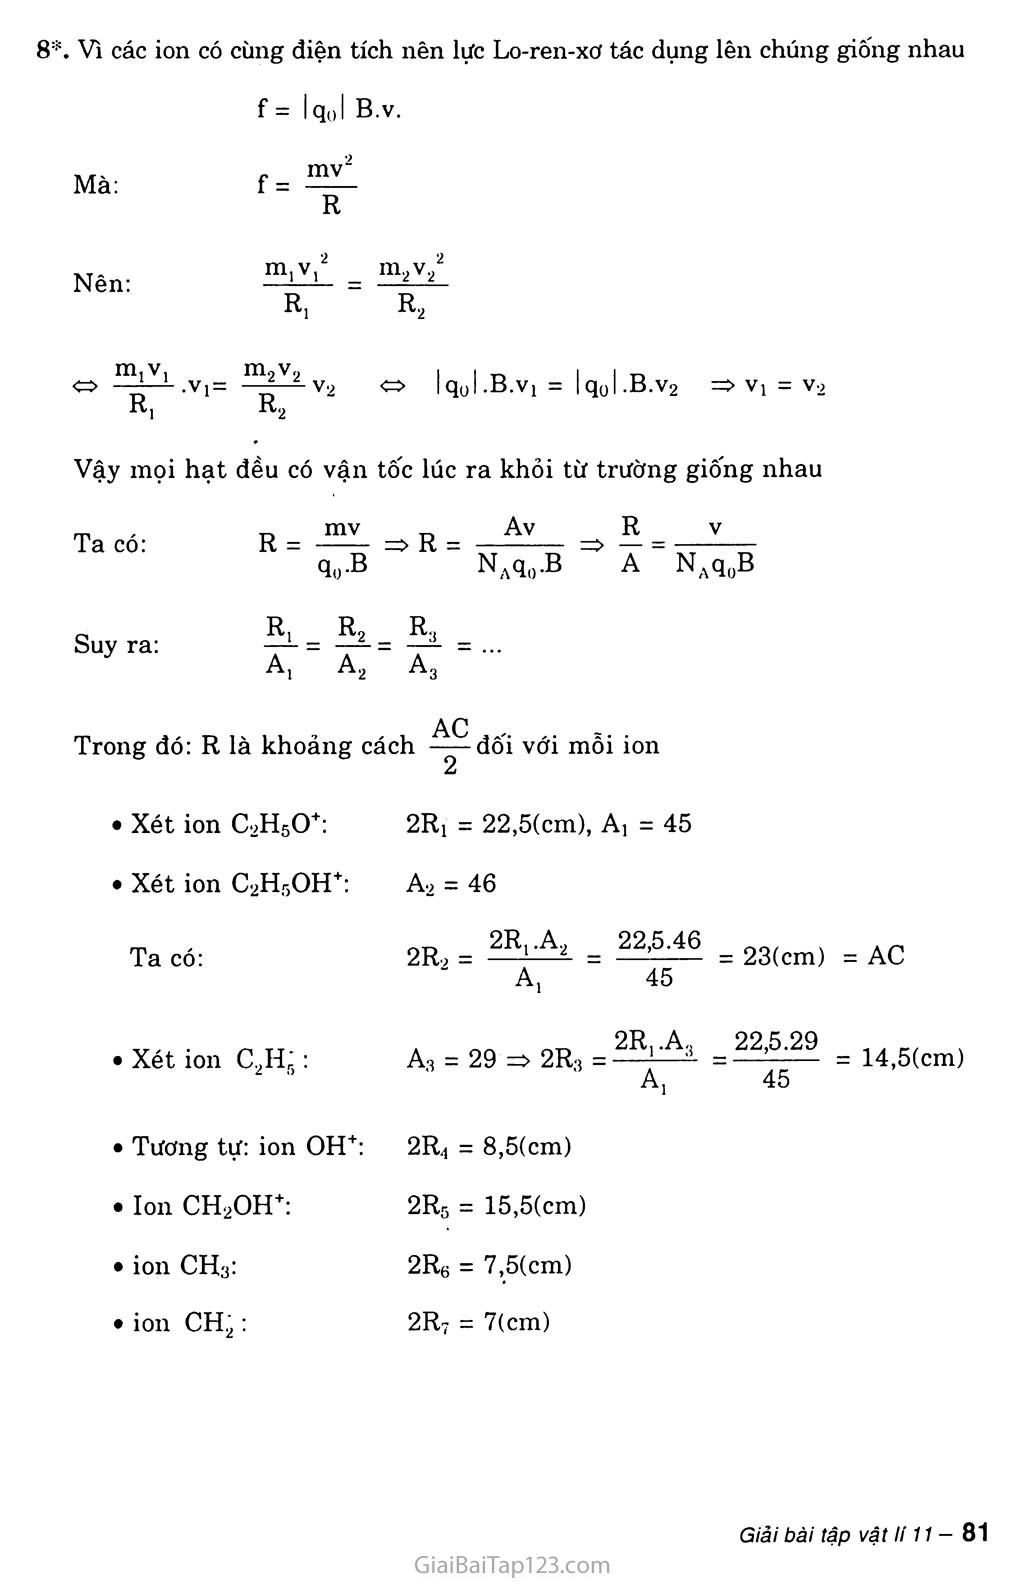 Bài 22: Lực Lo-ren-xơ trang 5